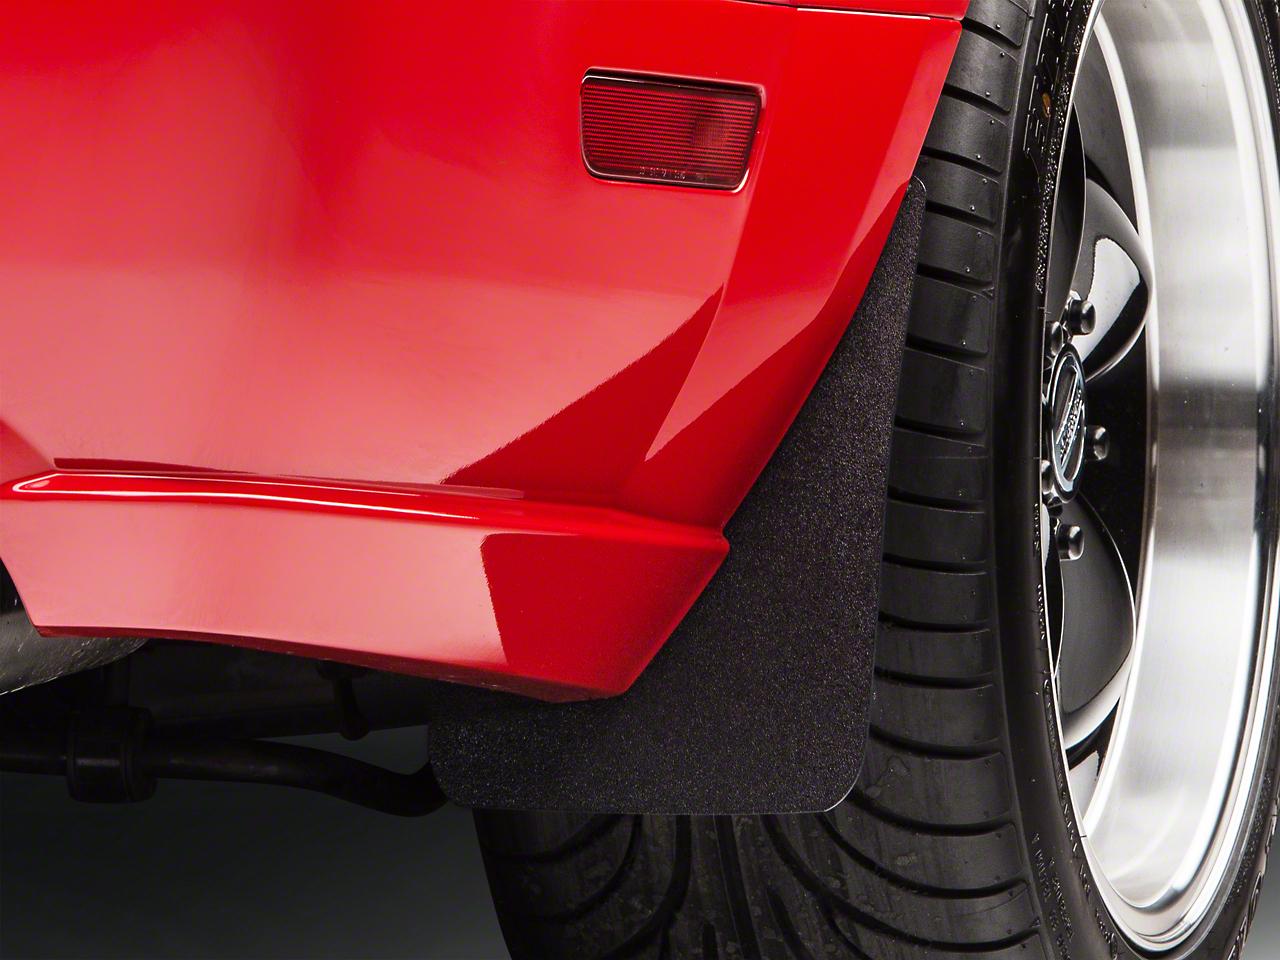 SpeedForm No-Drill Splash Guards - Front & Rear Set (05-09 GT)